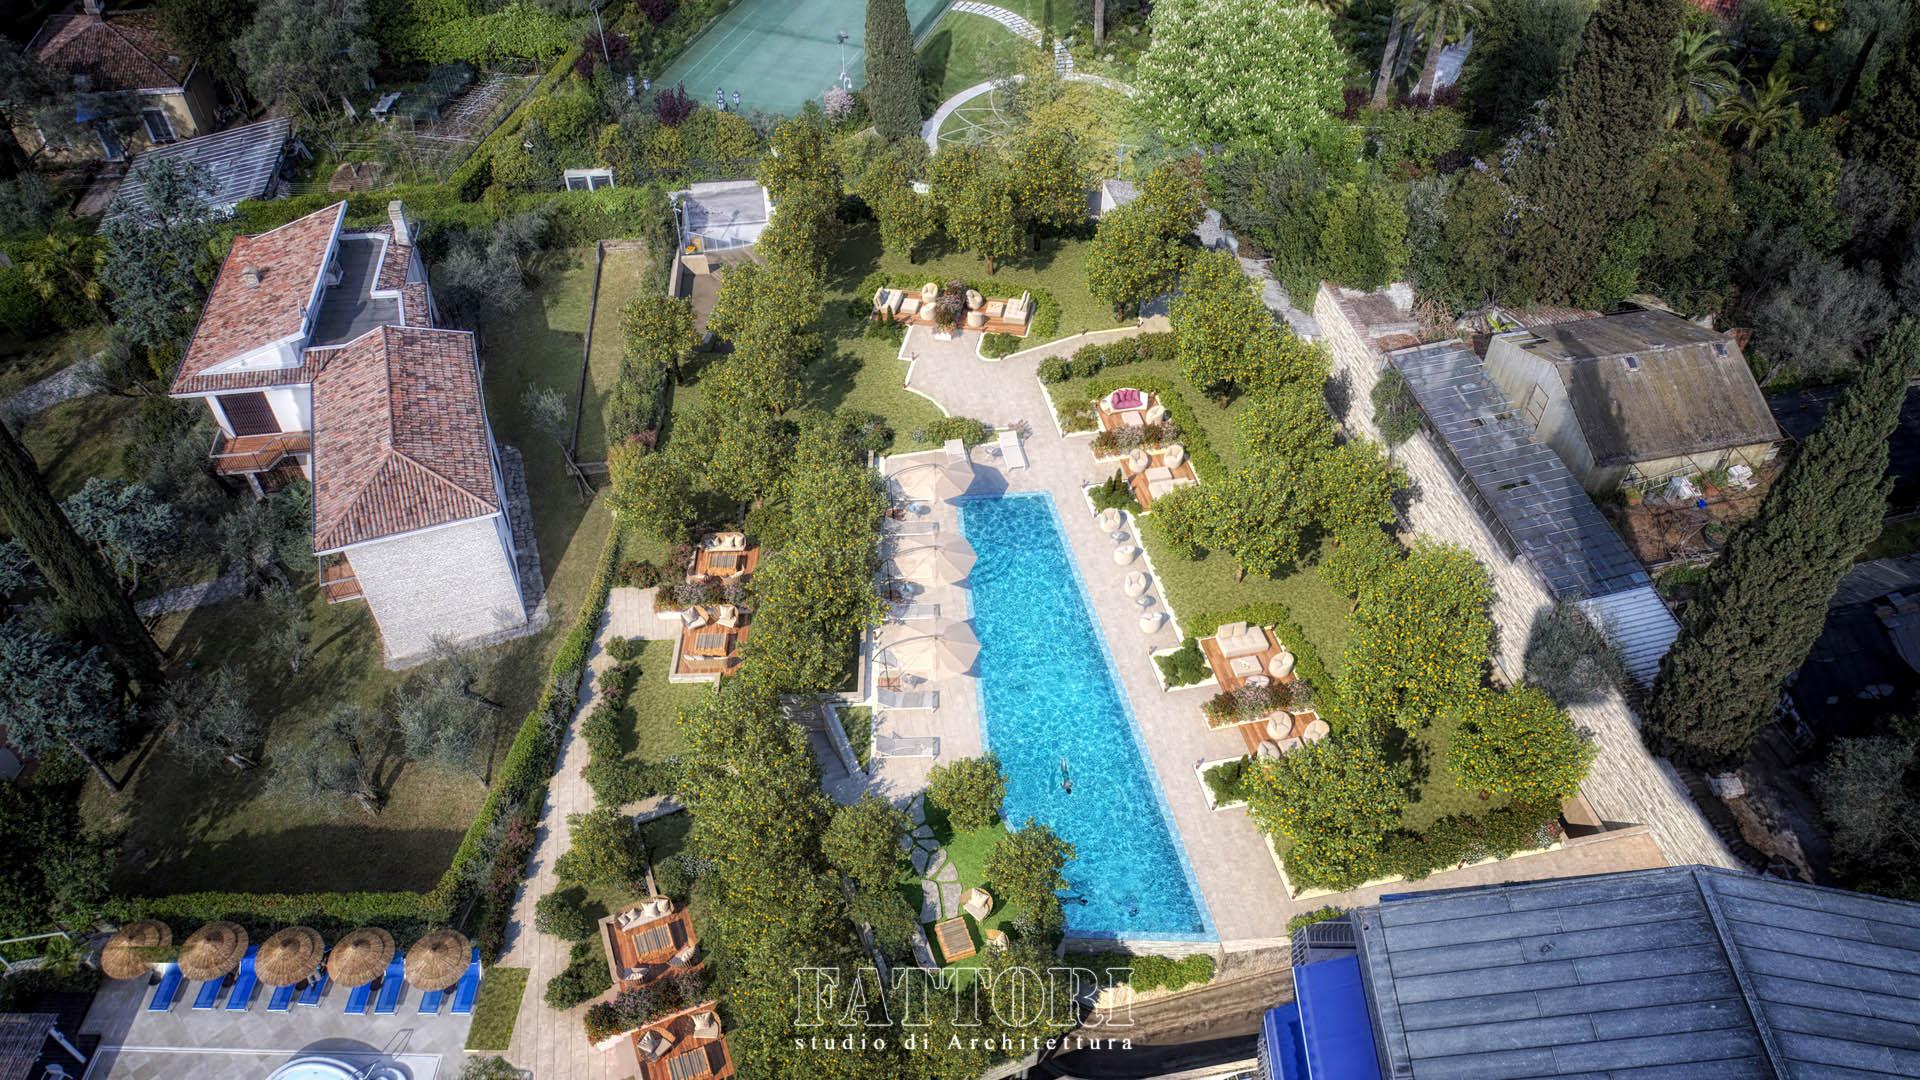 Studio di Architettura Fattori Fausto - Hotel Olivi Sirmione - proposta copertura park con giardino pensile_1